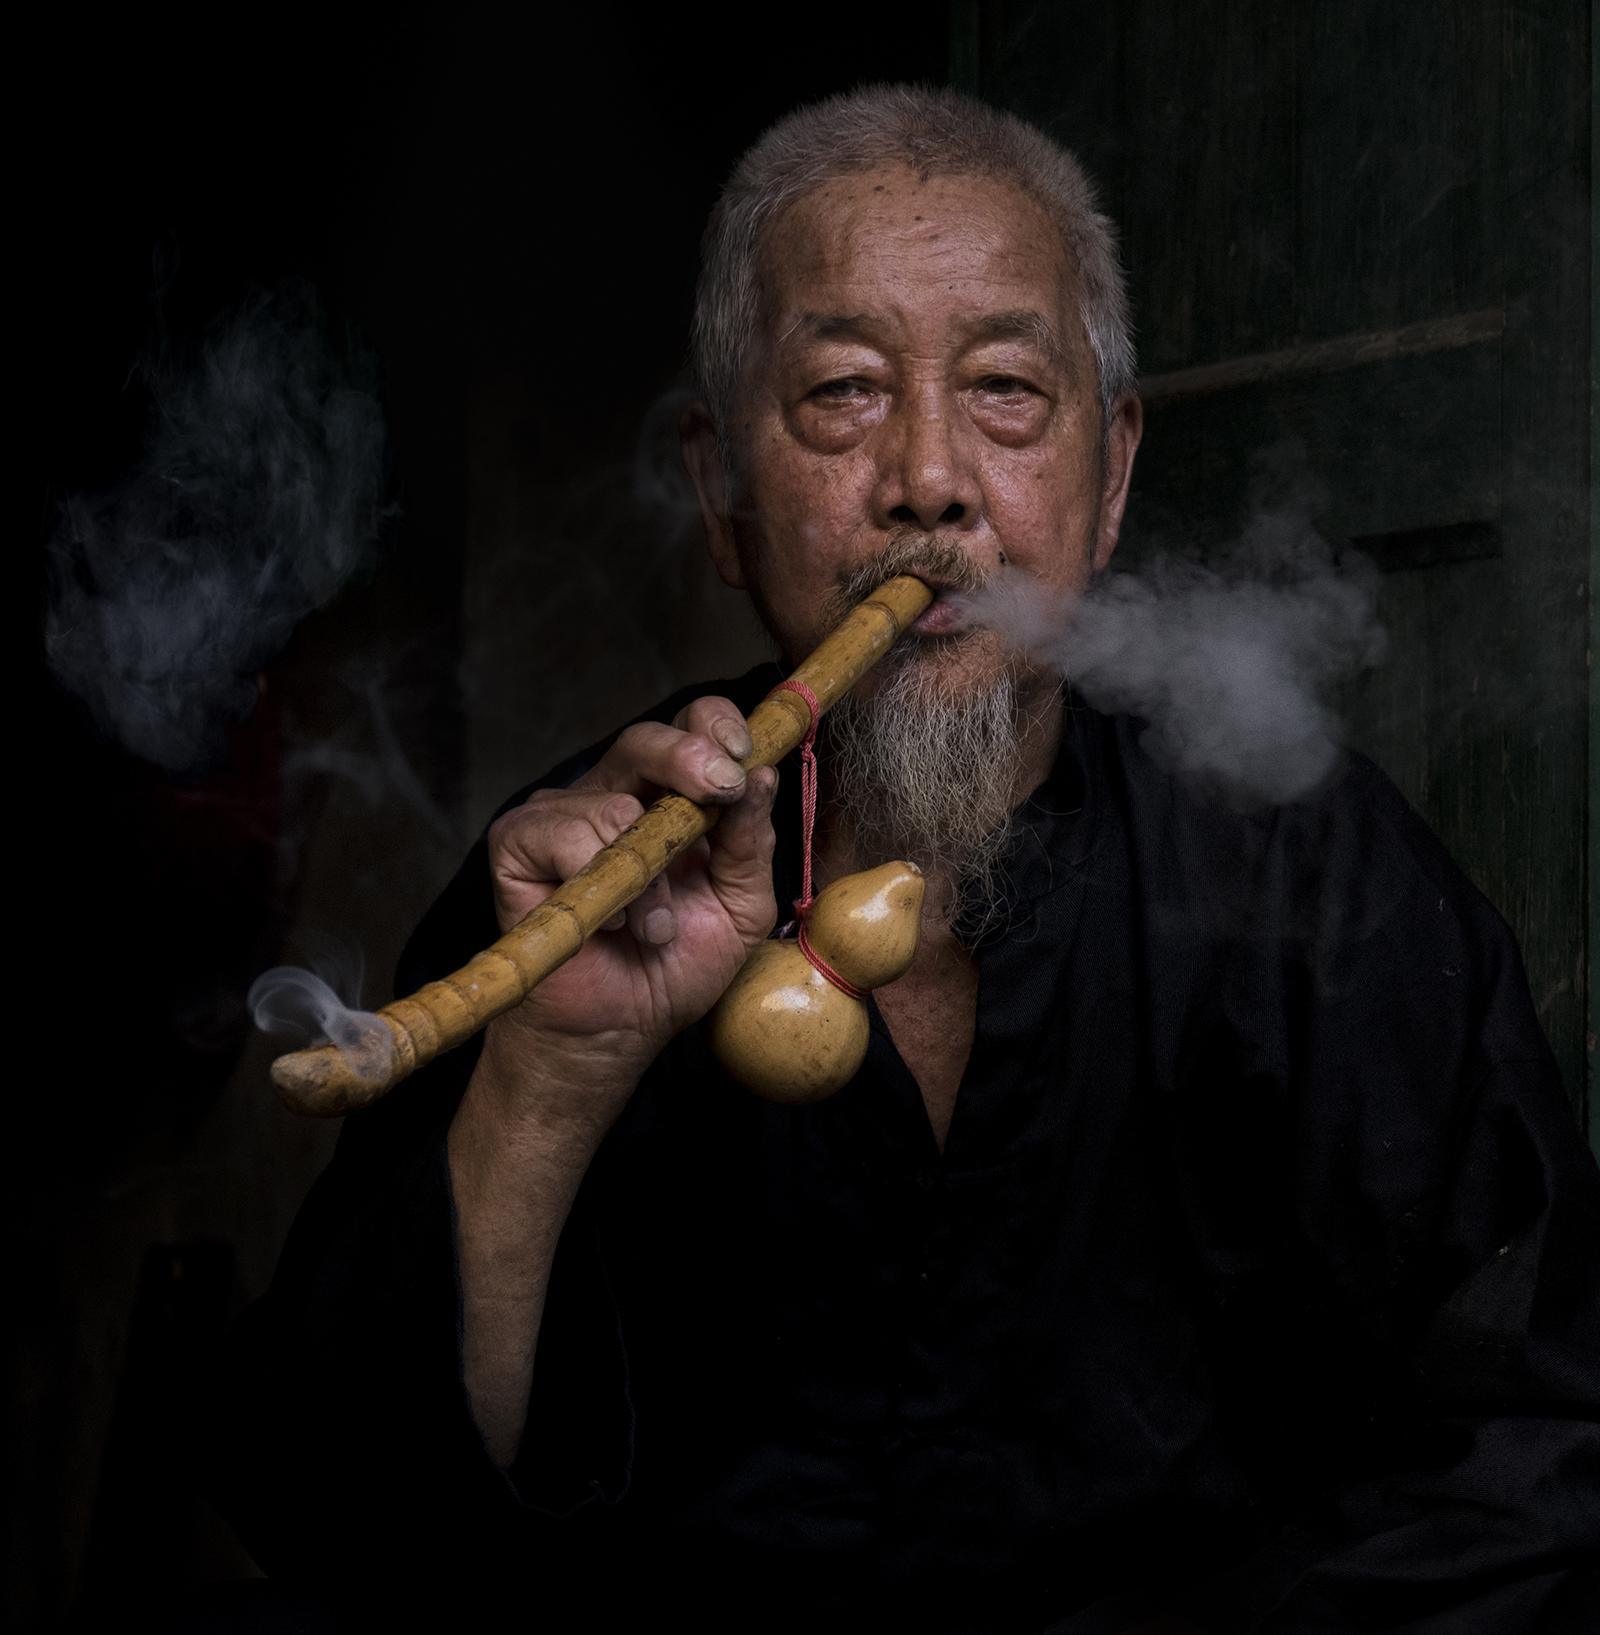 enjoying his pipe2.jpg